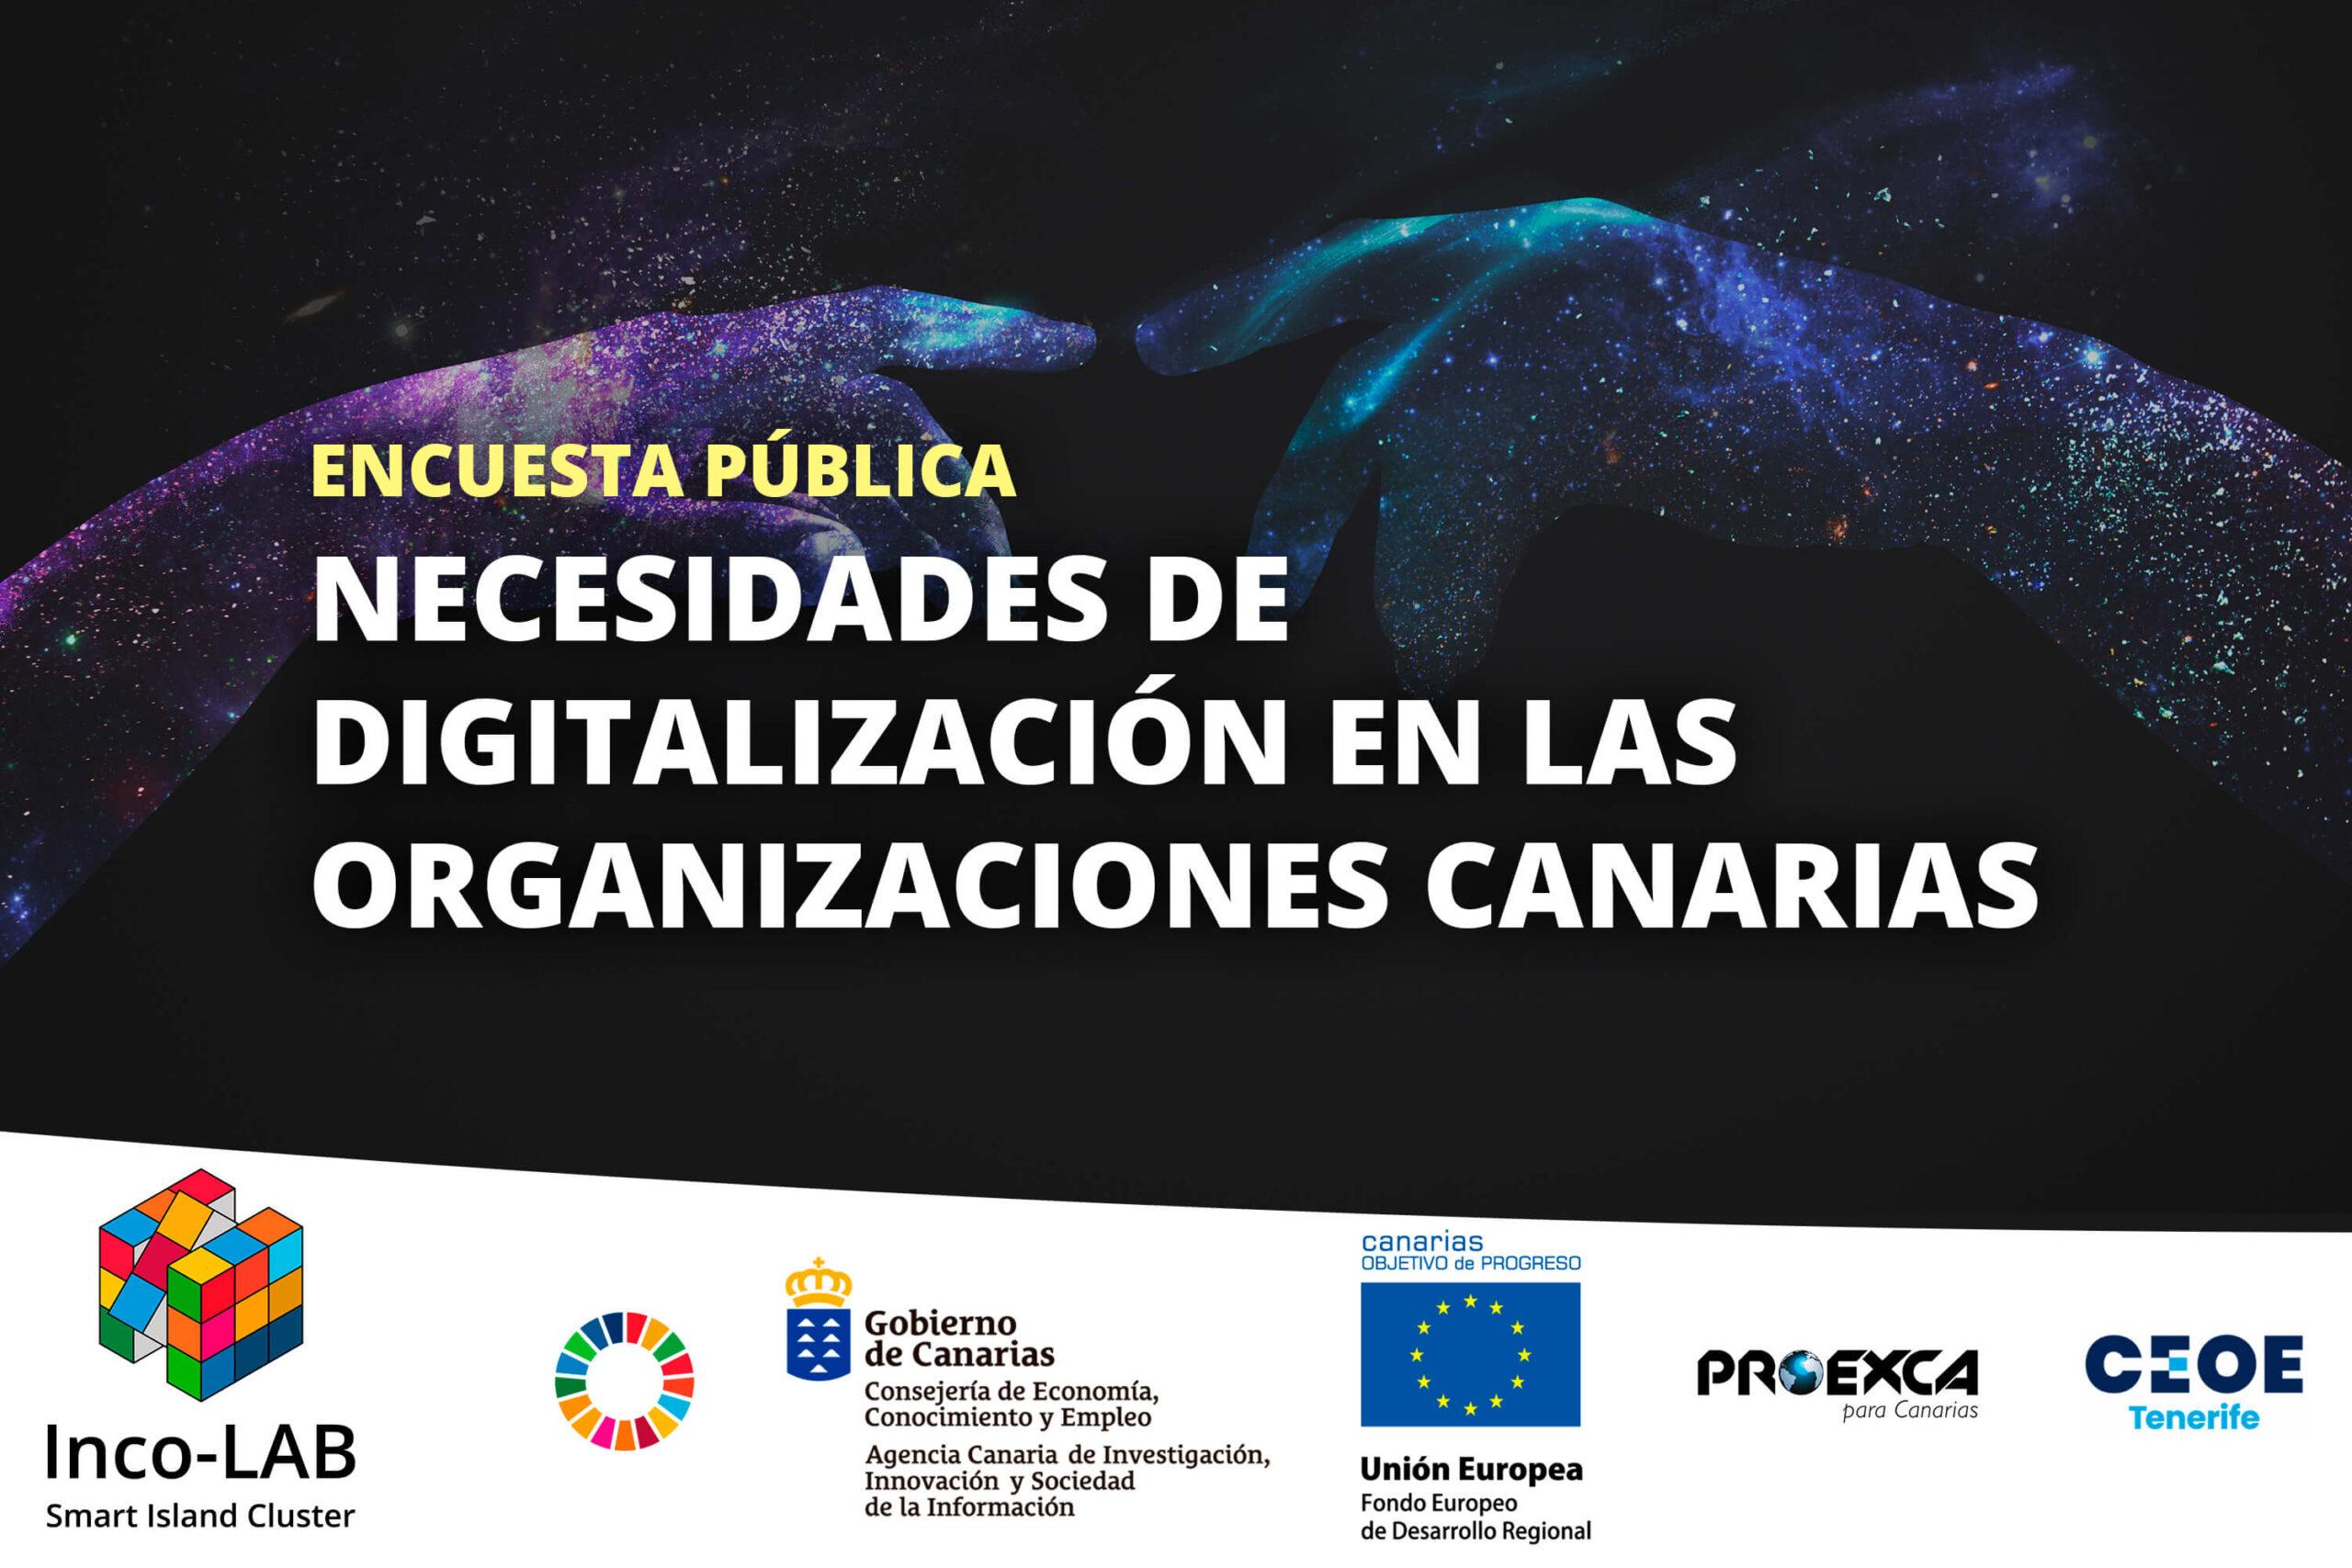 Encuesta pública para el Estudio de las necesidades de digitalización en las organizaciones canarias 2021